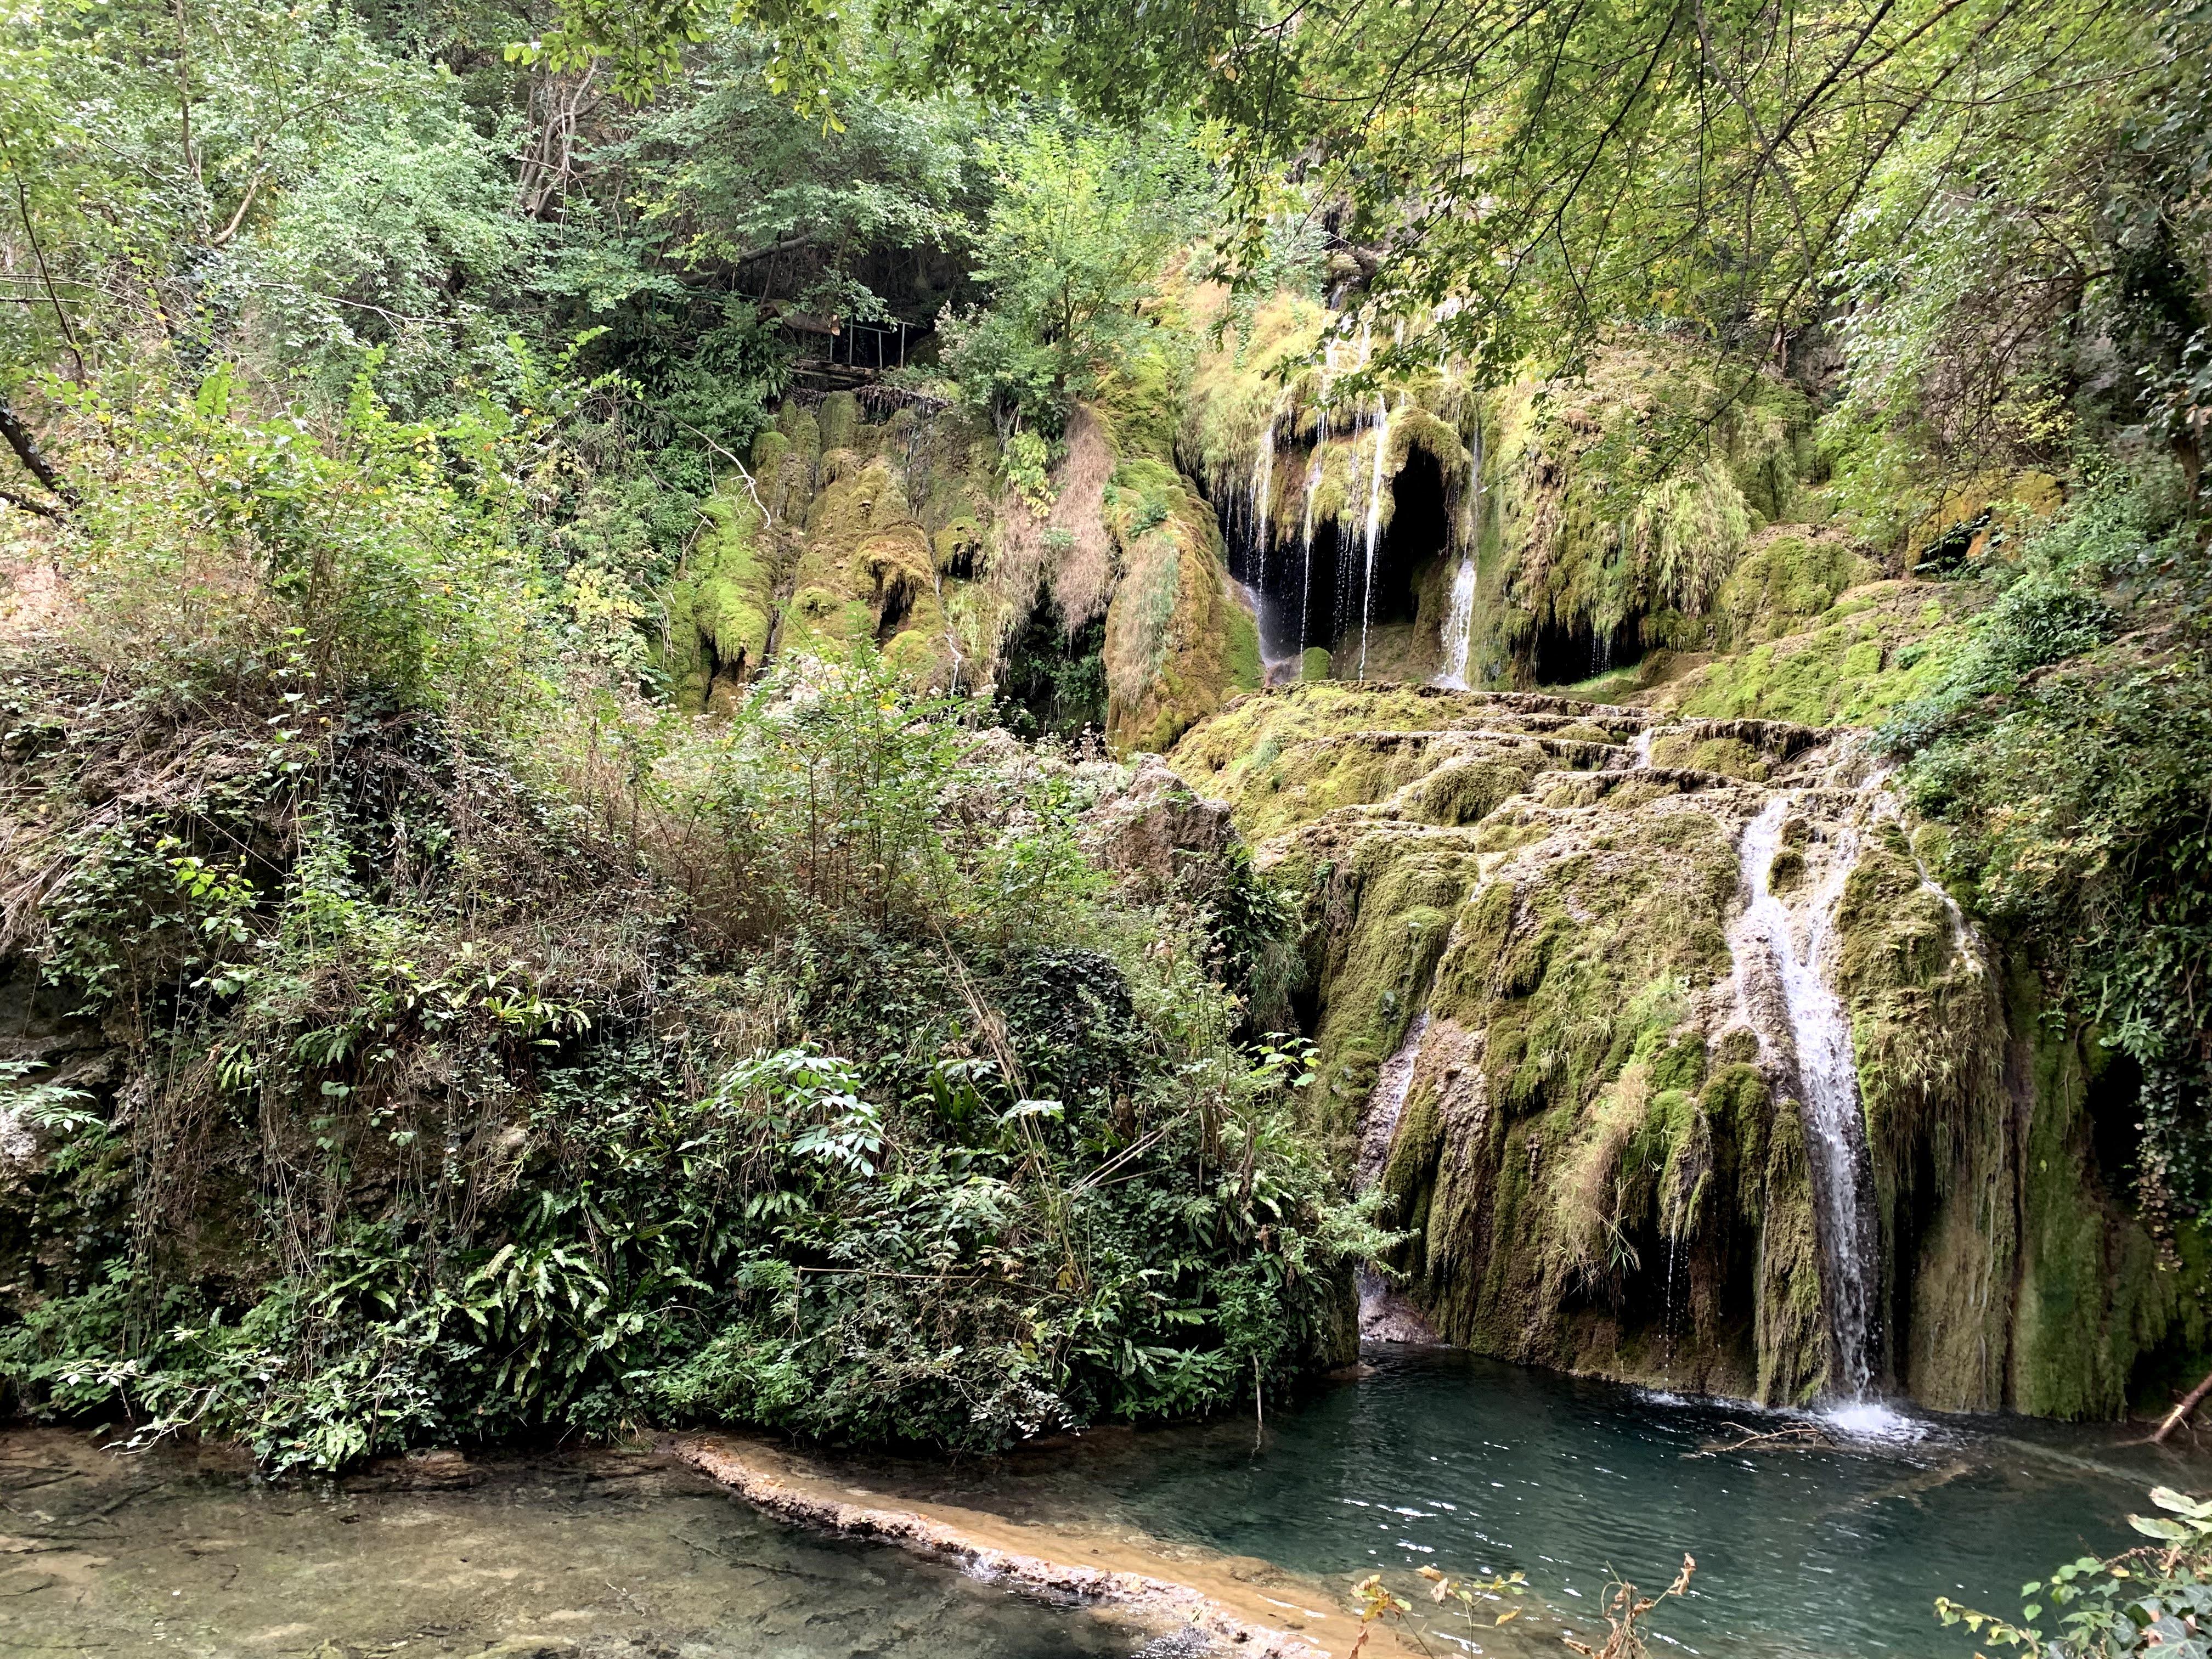 Trasee spectaculoase în apropiere de Veliko Tarnovo, la câteva ore de București